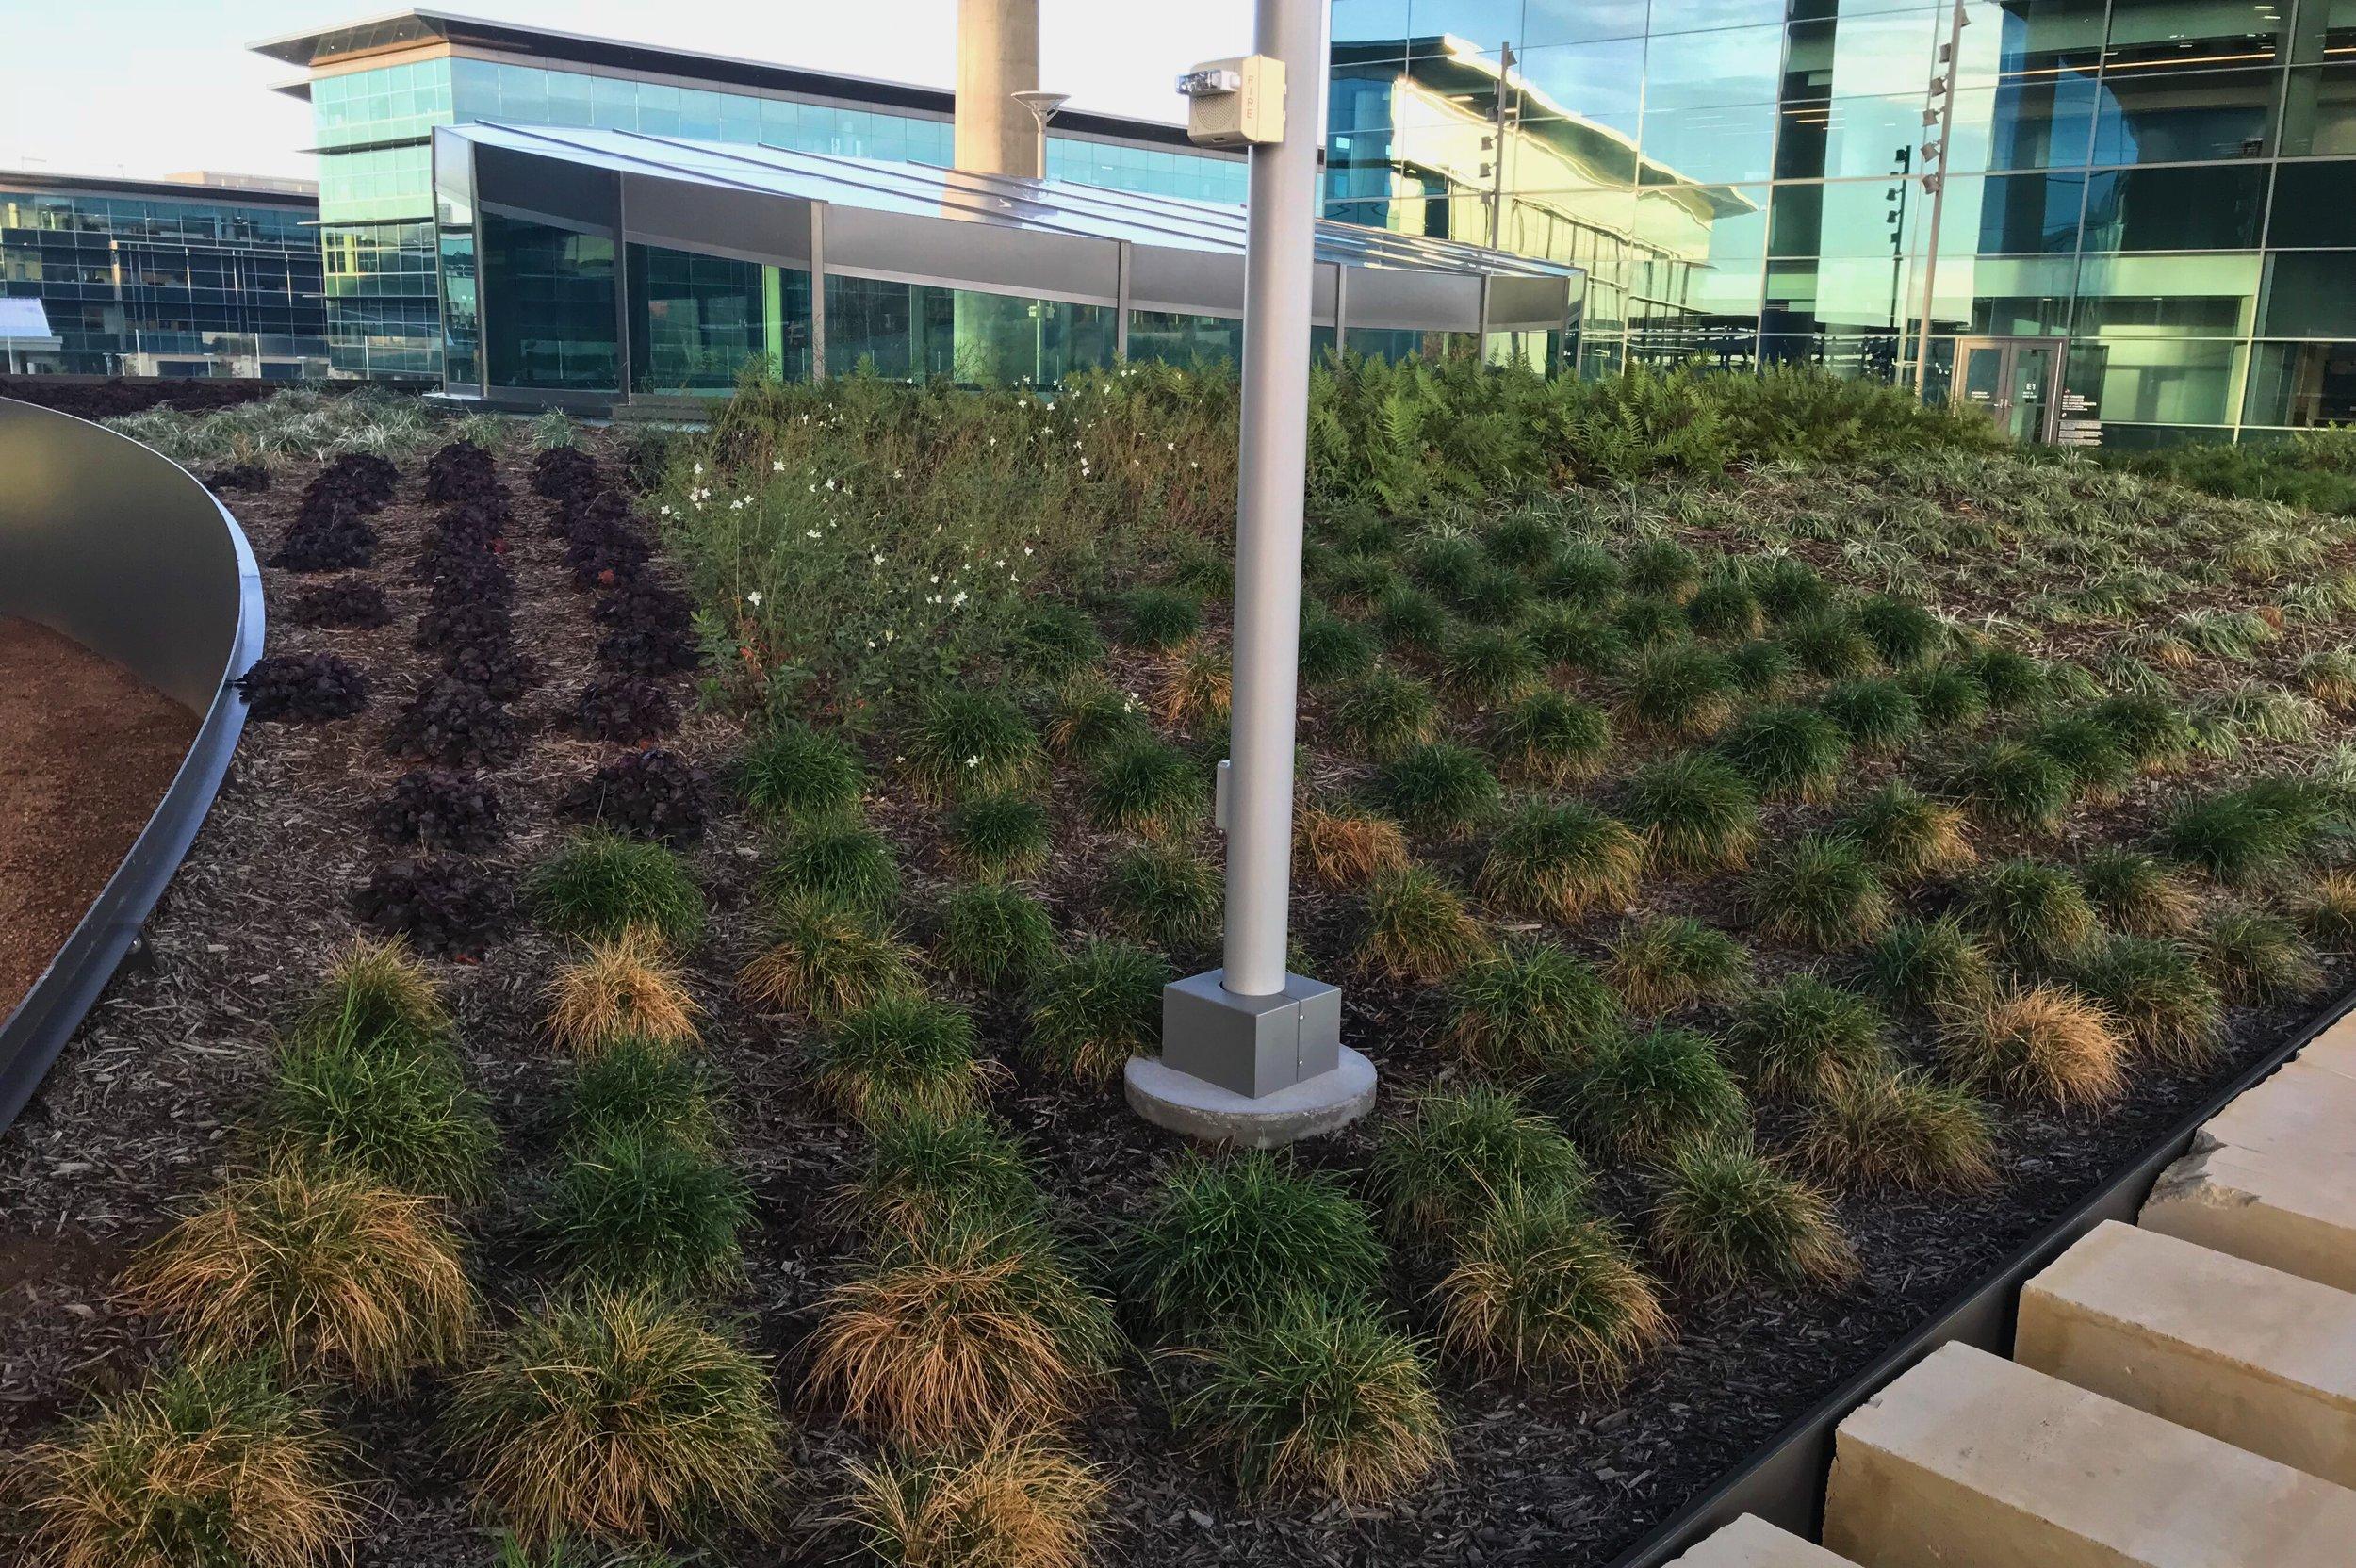 Rooftop garden with Heuchera sp. Coral Bells; Carex divulsa, Berkeley Sedge; and Gaura sp.